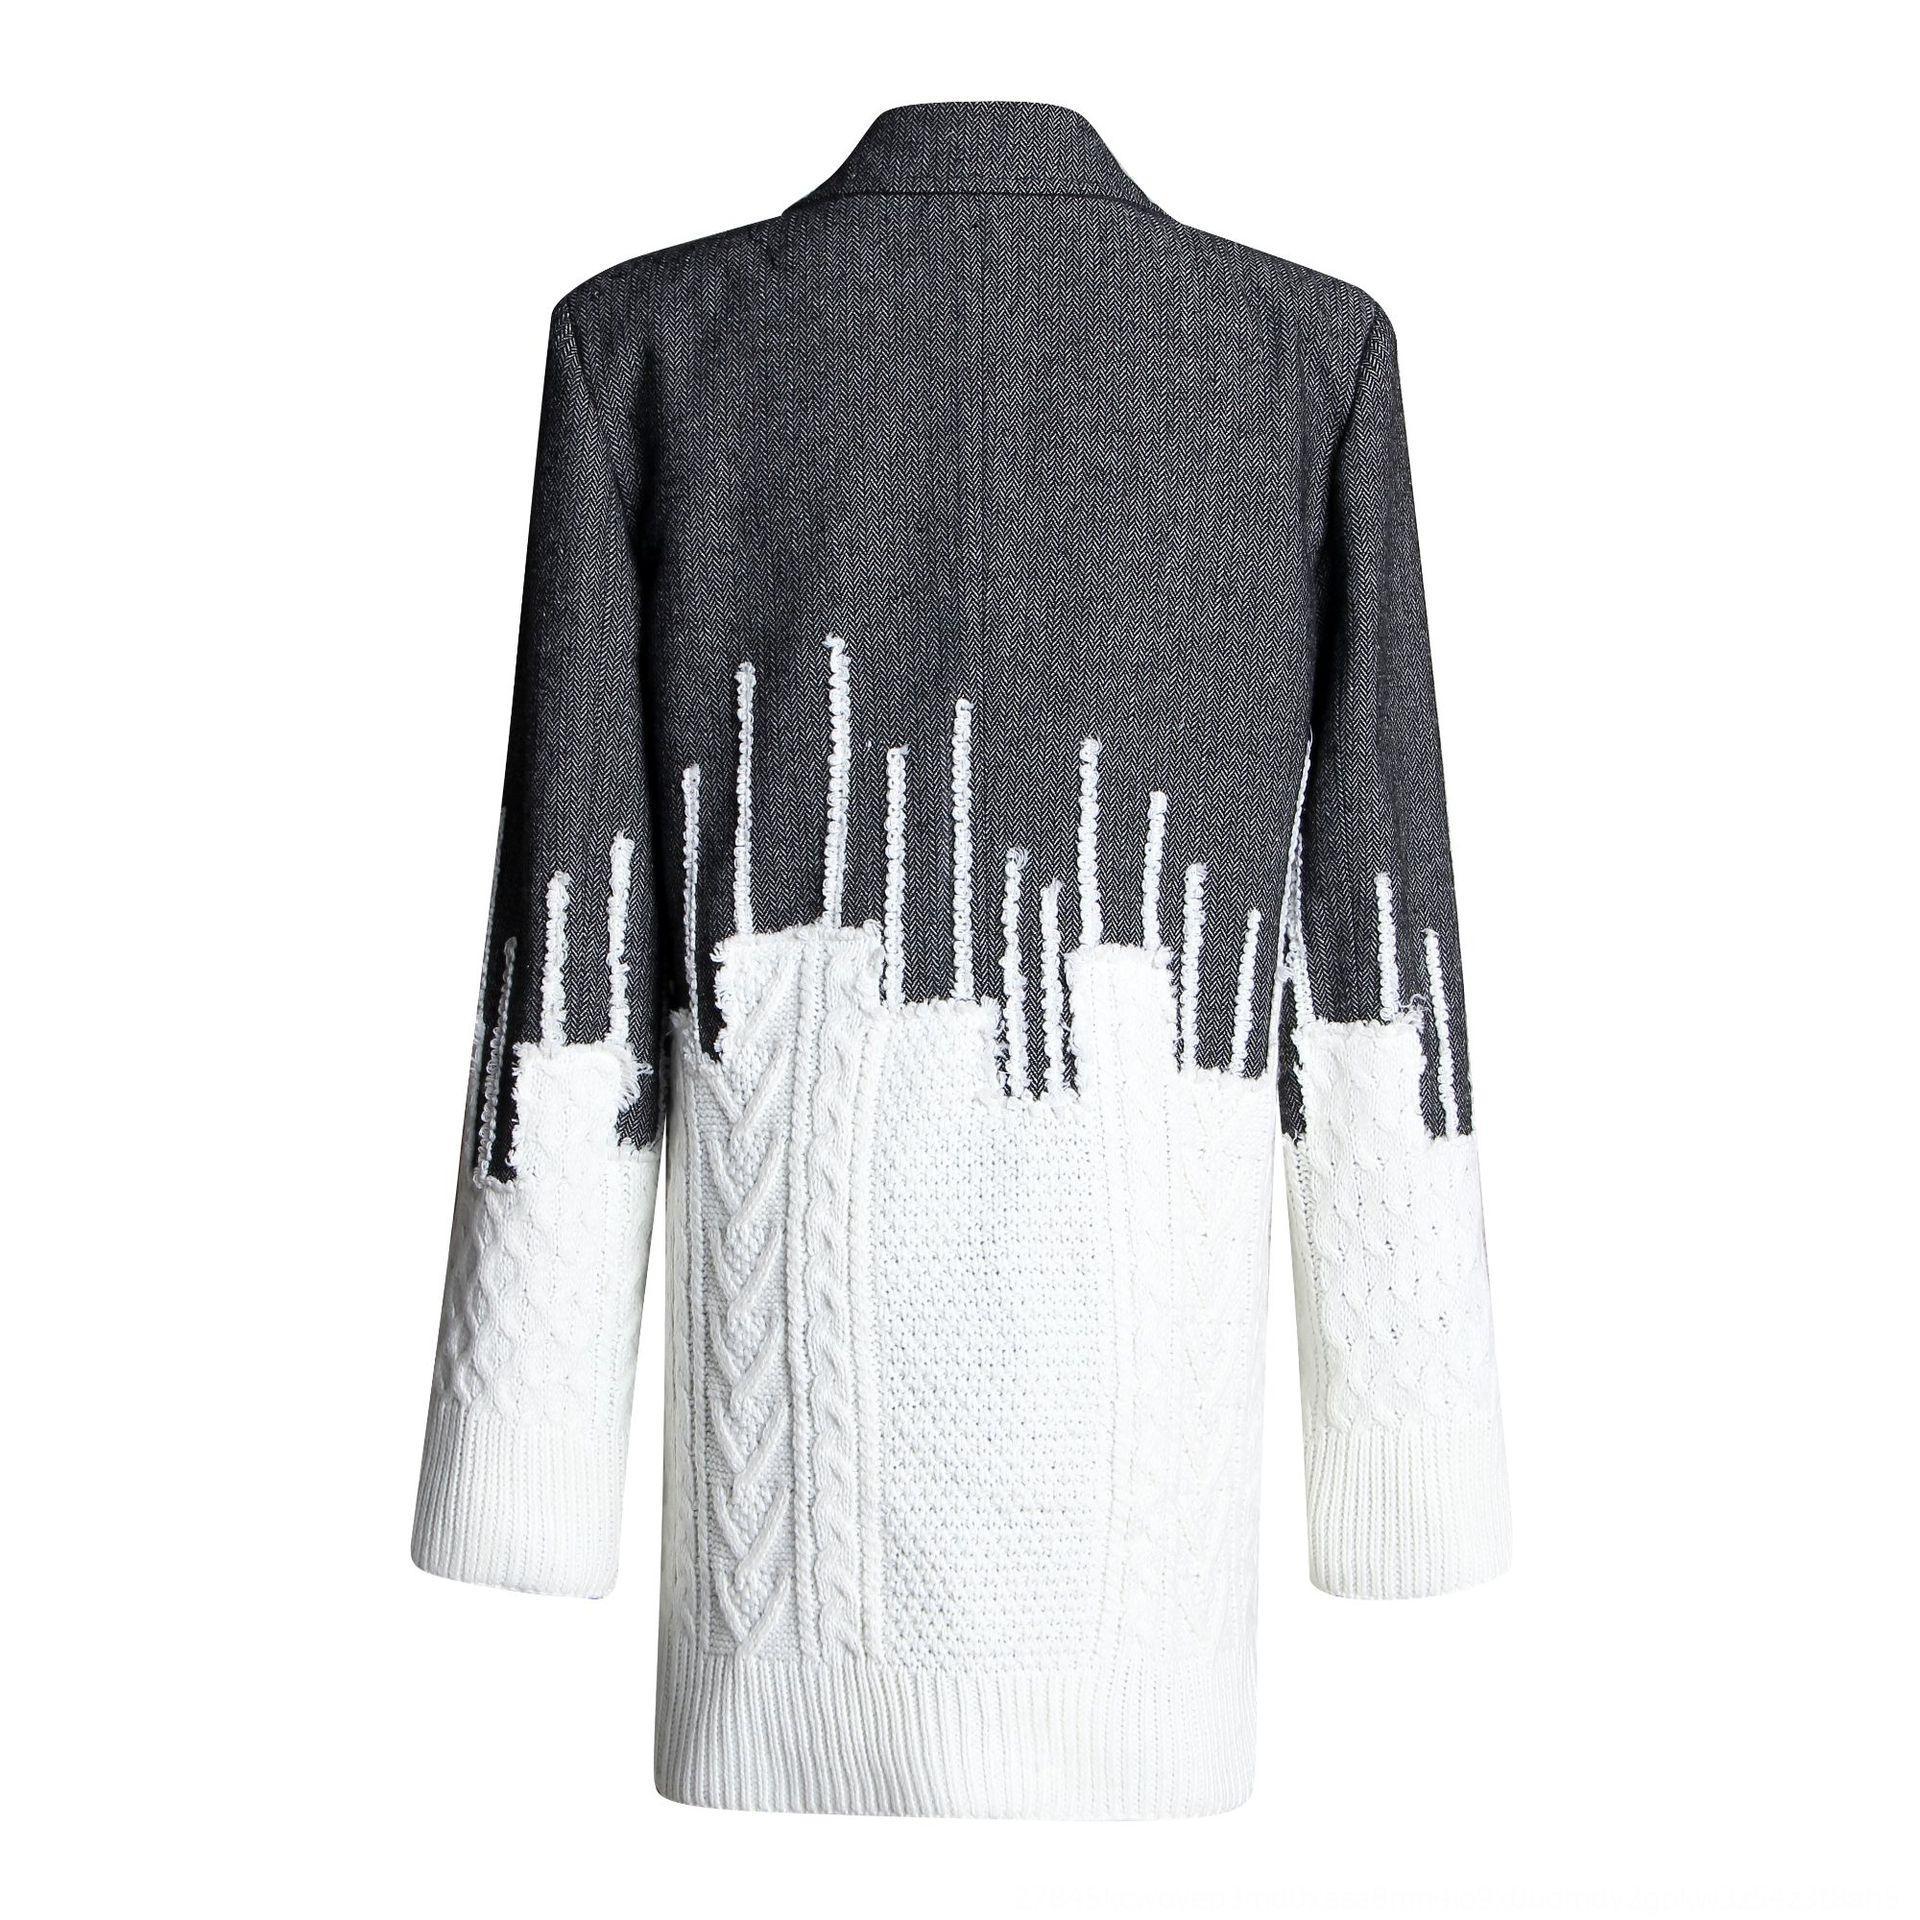 nQlg1 rauchigen kleinen Anzug 2020 Autumn Designer britischen Stil Mantel Pullover Wolle nähen Pullover wolle wollig New grauen Mantel Anzug